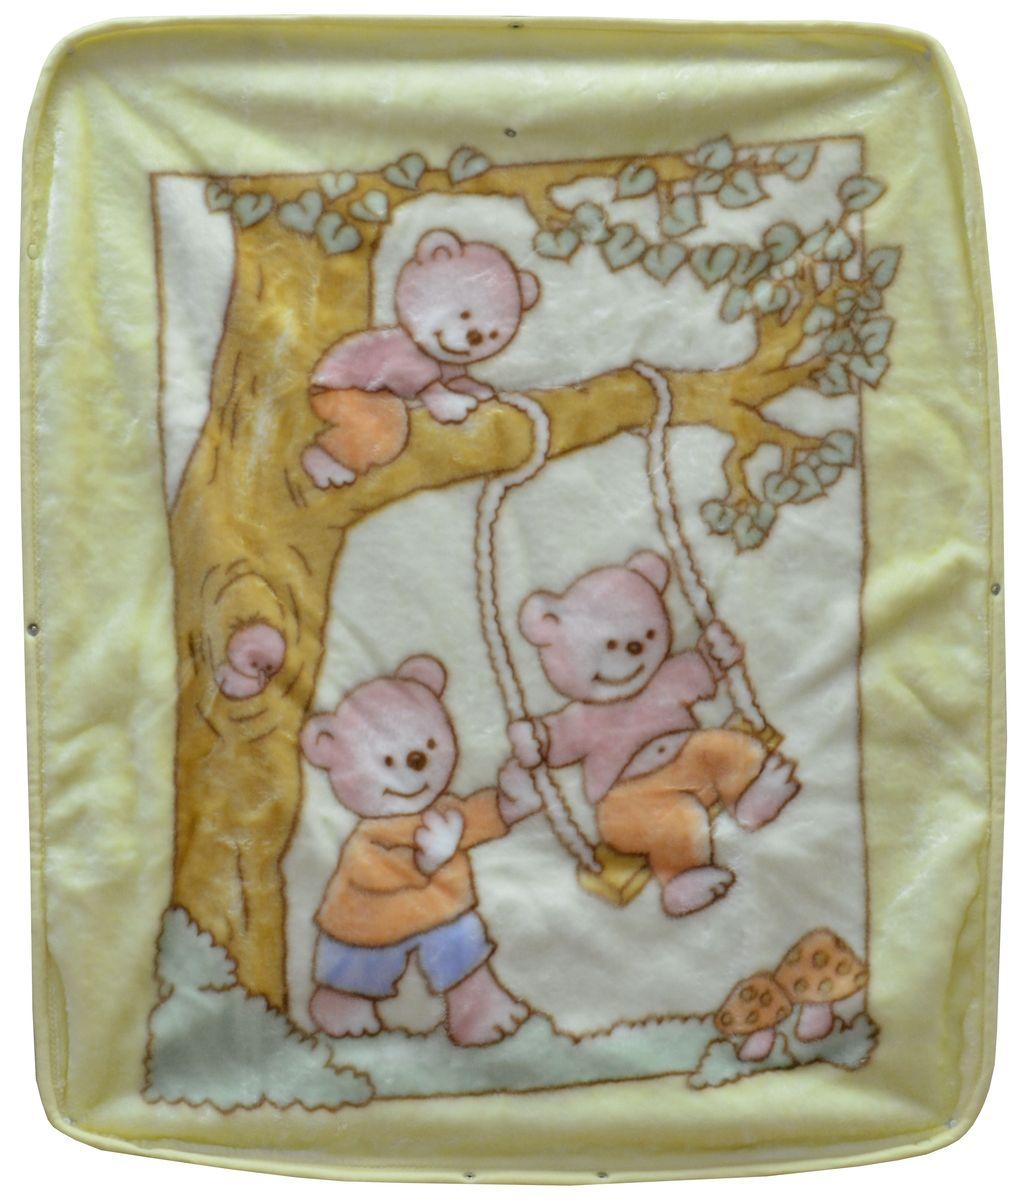 Bonne Fee Плед детский Плед-накидка для младенцев на молнии, 80 х 90 см, желтыйОНДК/300-жёлт1Защита, тепло и комфорт для малышей - использован надёжный, качественный и мягкий материал! Удобство и спокойствие для родителей обеспечивается универсальностью пледа-накидки, конструкция которого позволяет ему легко превращаться в конвертик. Отличное качество и практичность! Любите своего ребёнка и дарите ему лучшее!